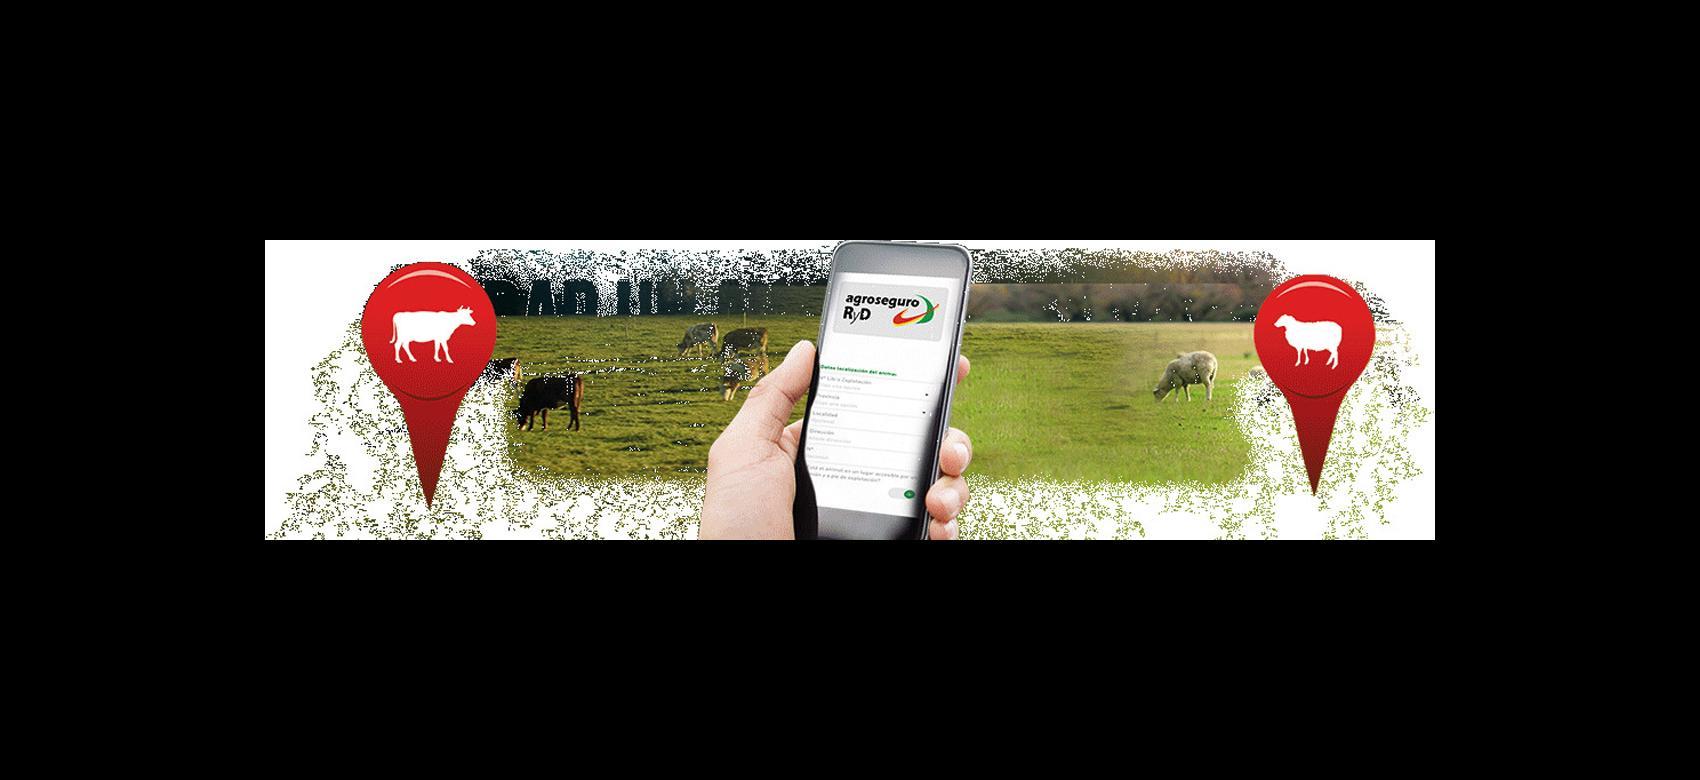 Mano con teléfono móvil con la App Retirada de animales muertos en la pantalla sobre fotografía de ganado pastando